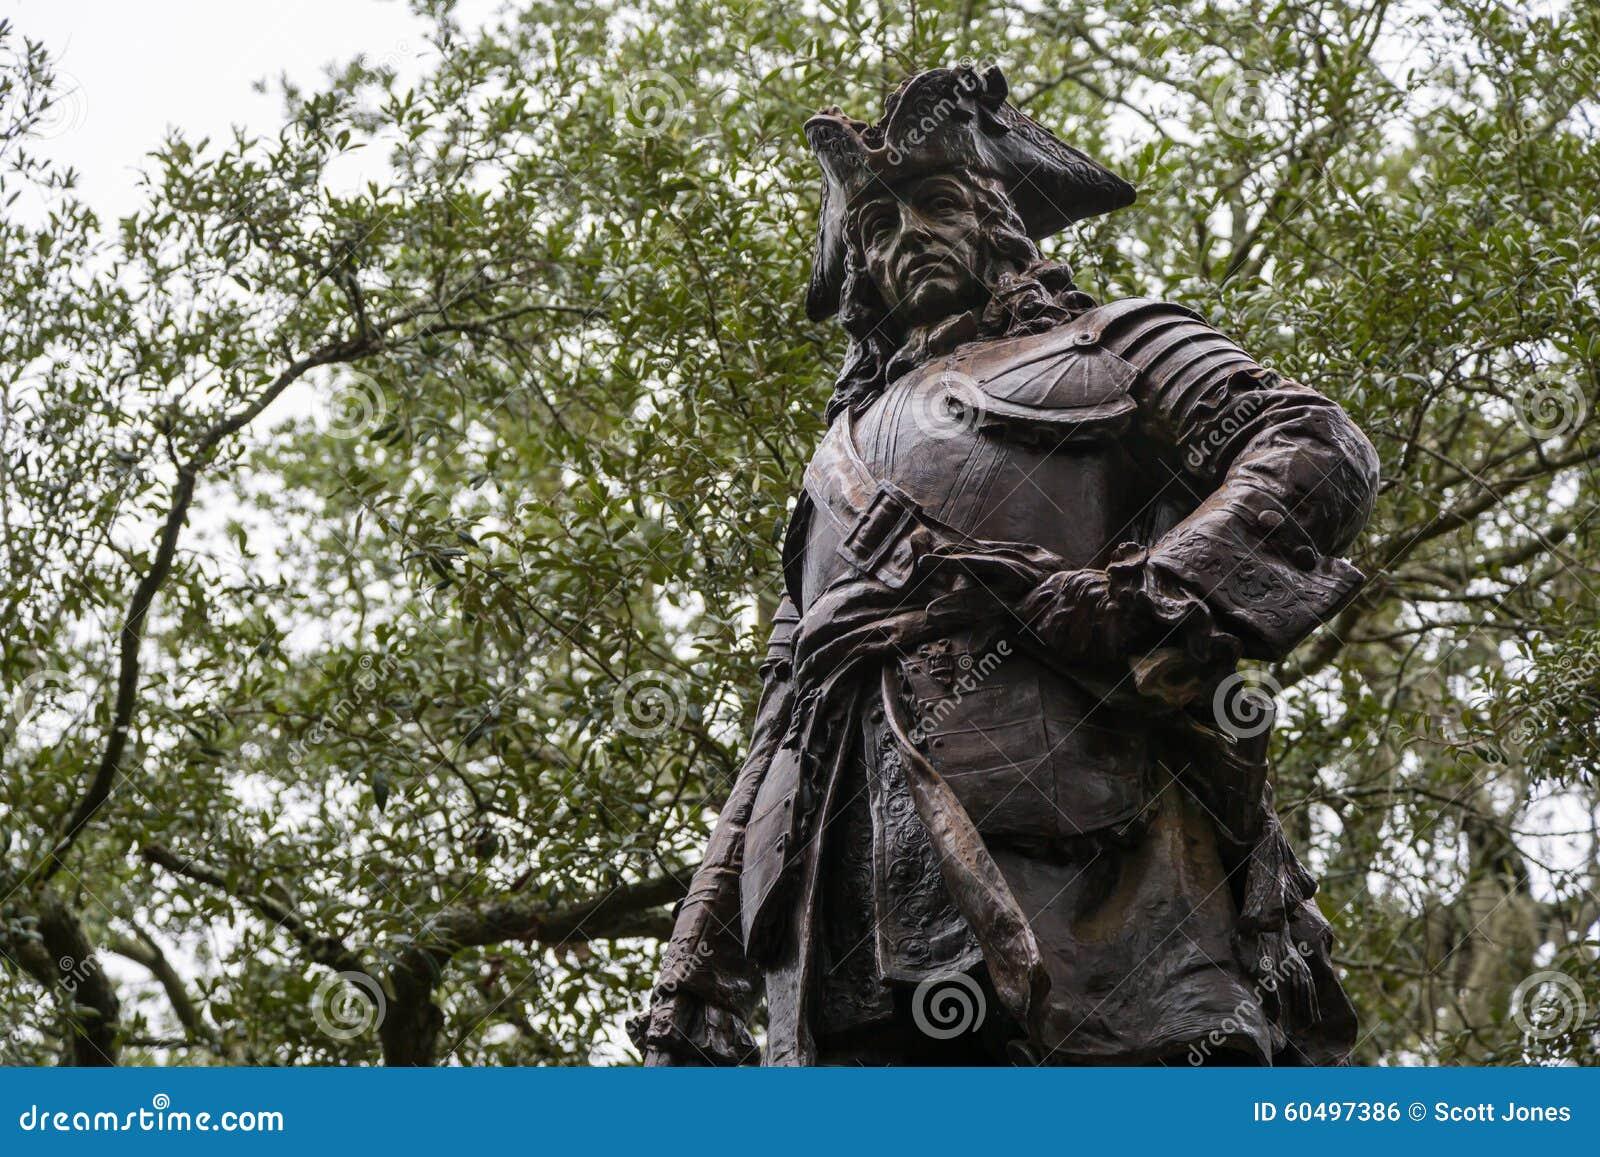 James Oglethorpe Statue